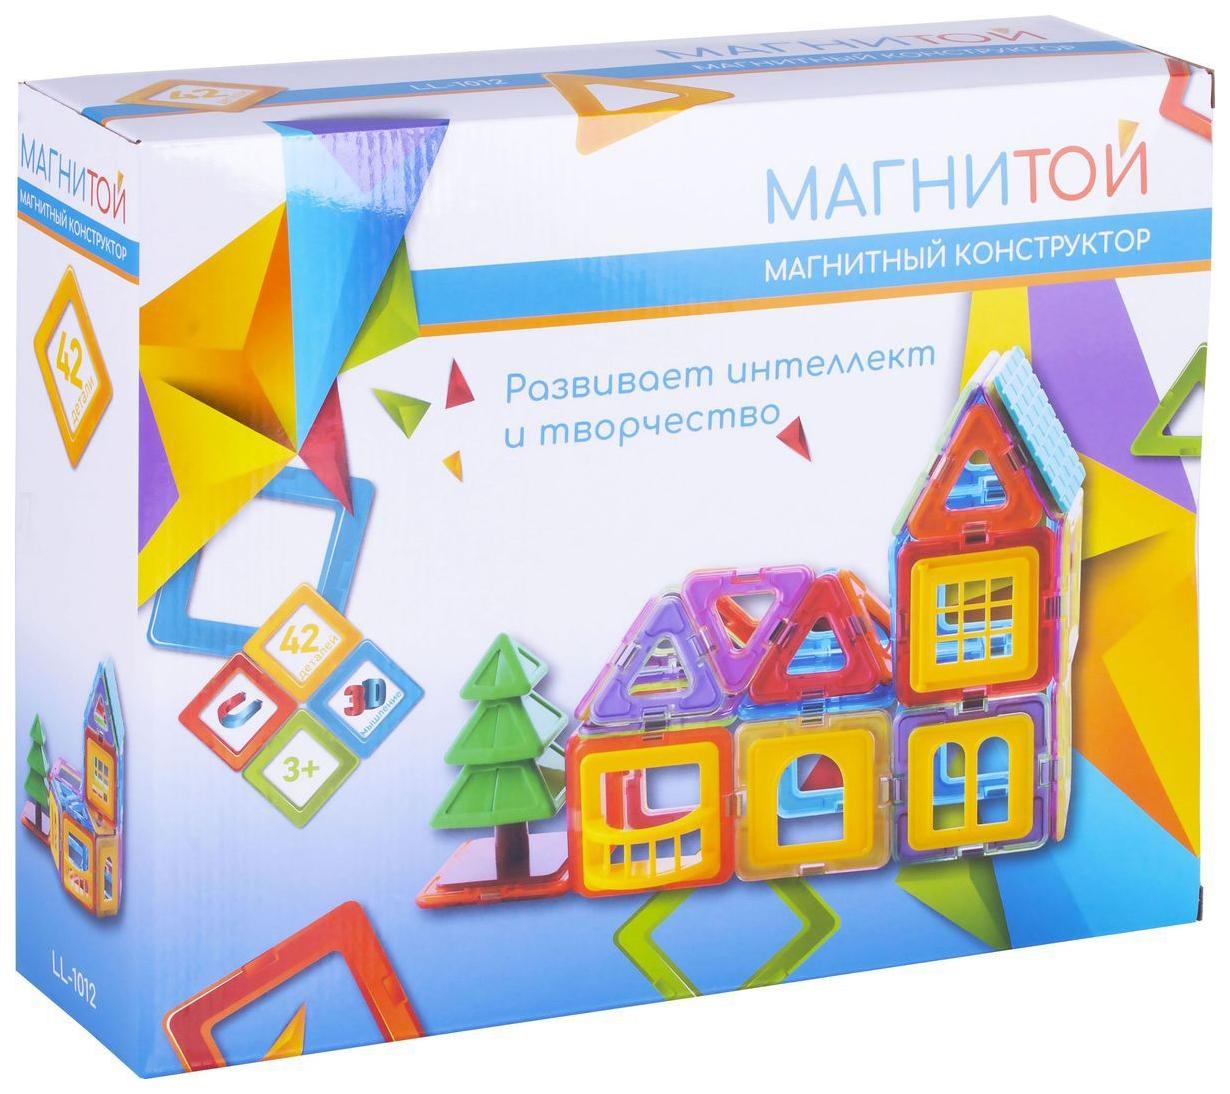 Конструктор магнитный Магнитой Дом с елочкой, Магнитные конструкторы  - купить со скидкой